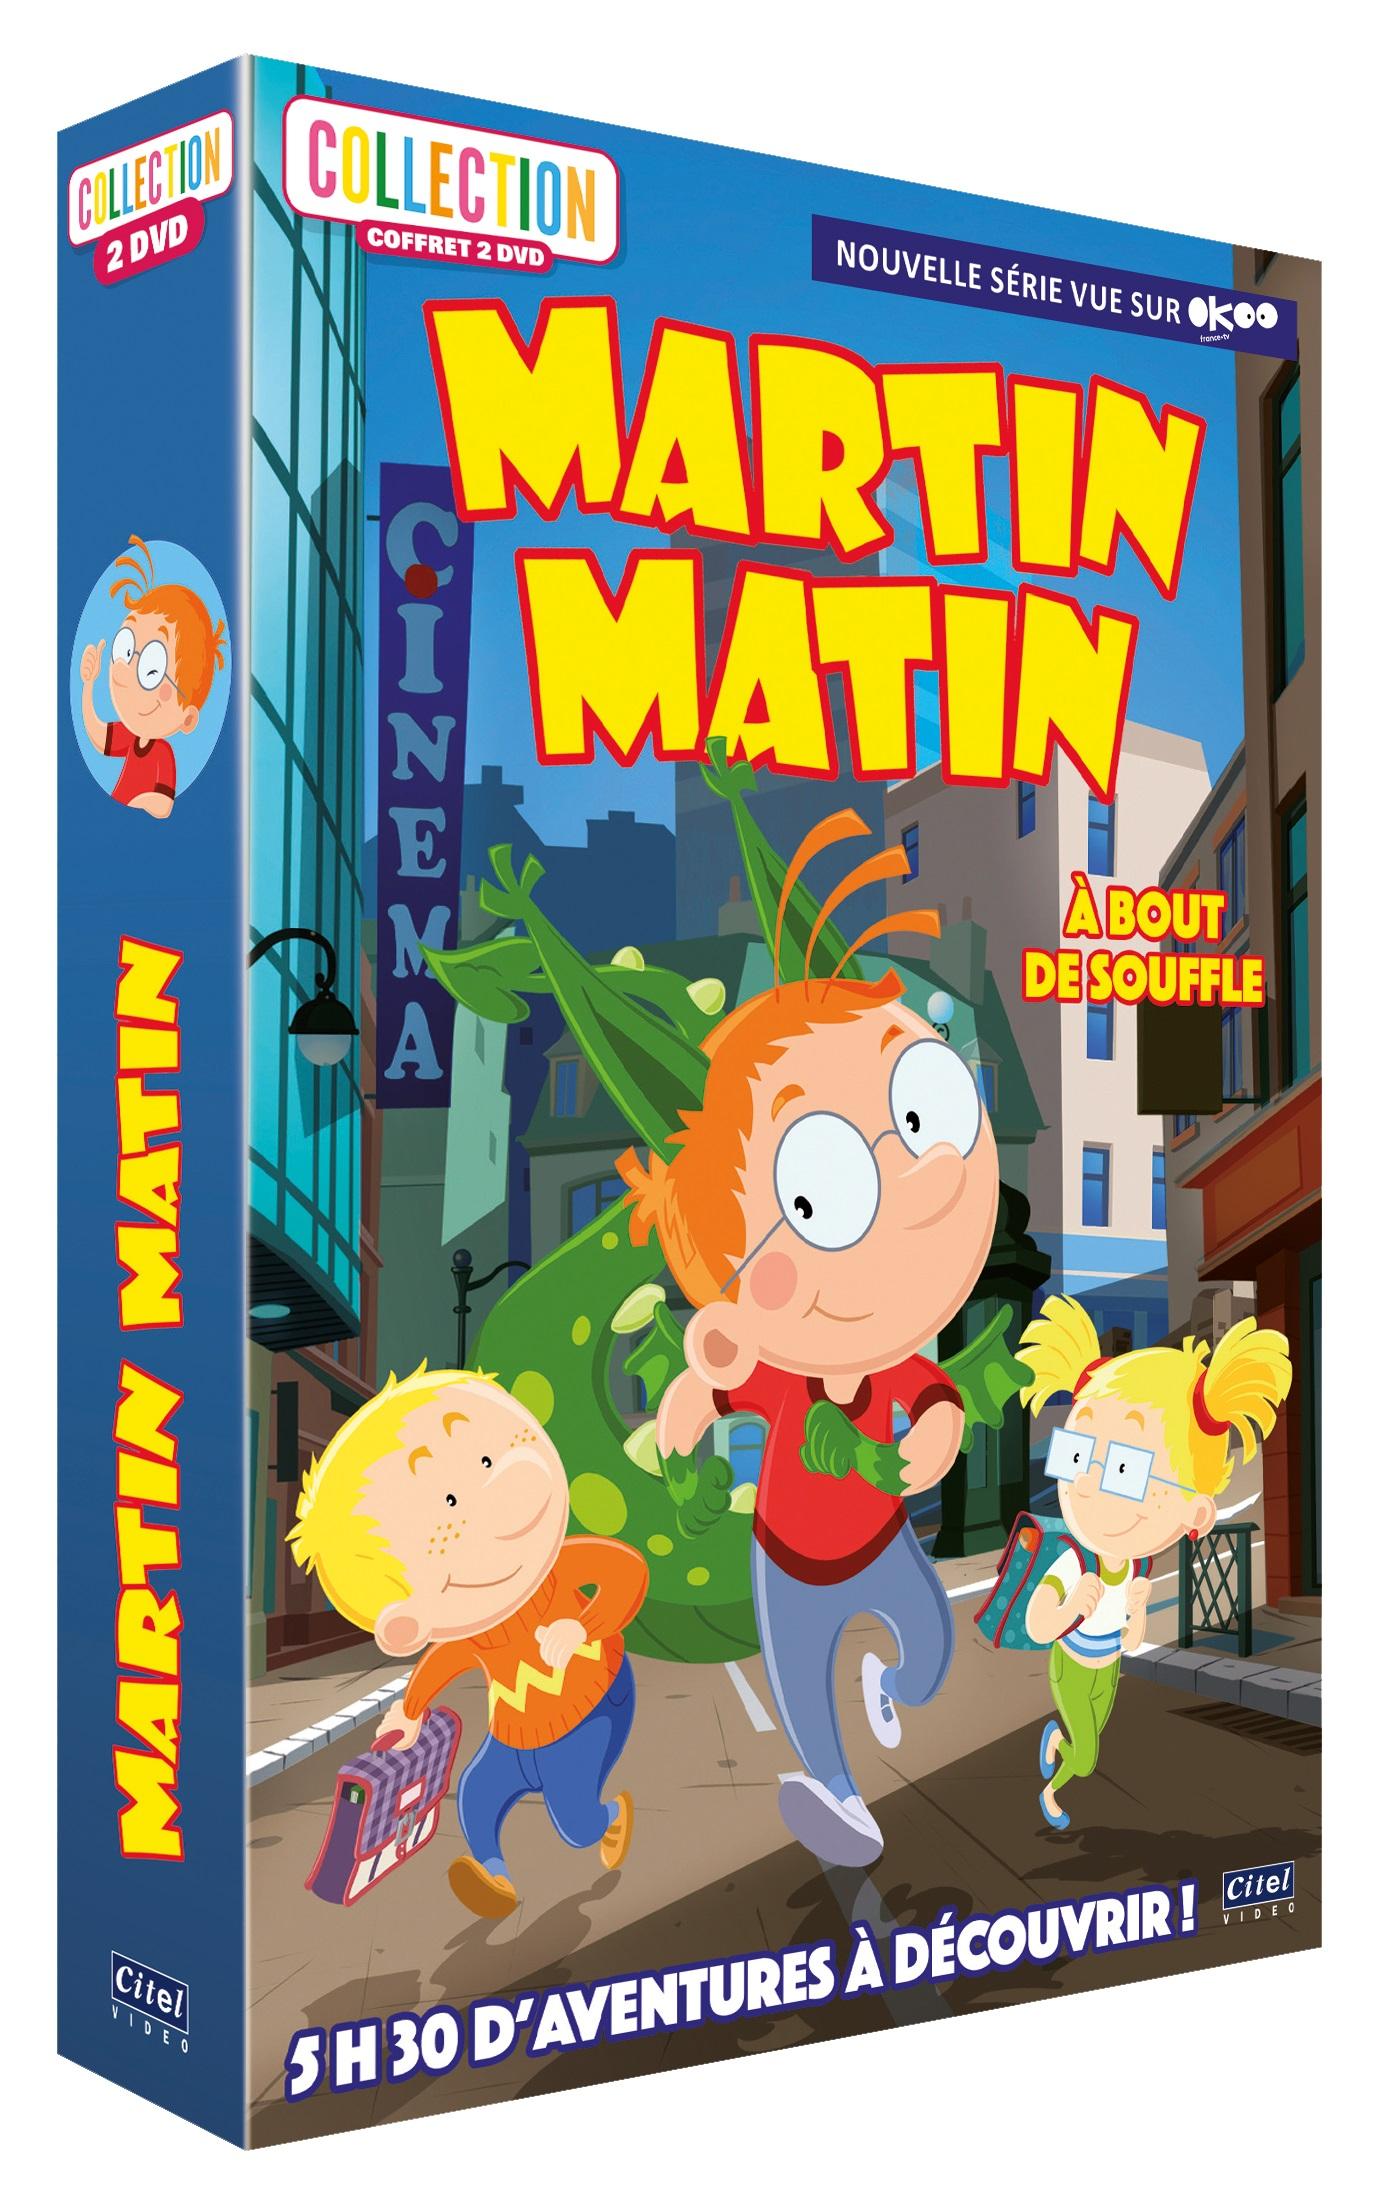 MARTIN MATIN NOUVELLE SAISON - COFFRET 2 DVD (A BOUT DE SOUFFLE)